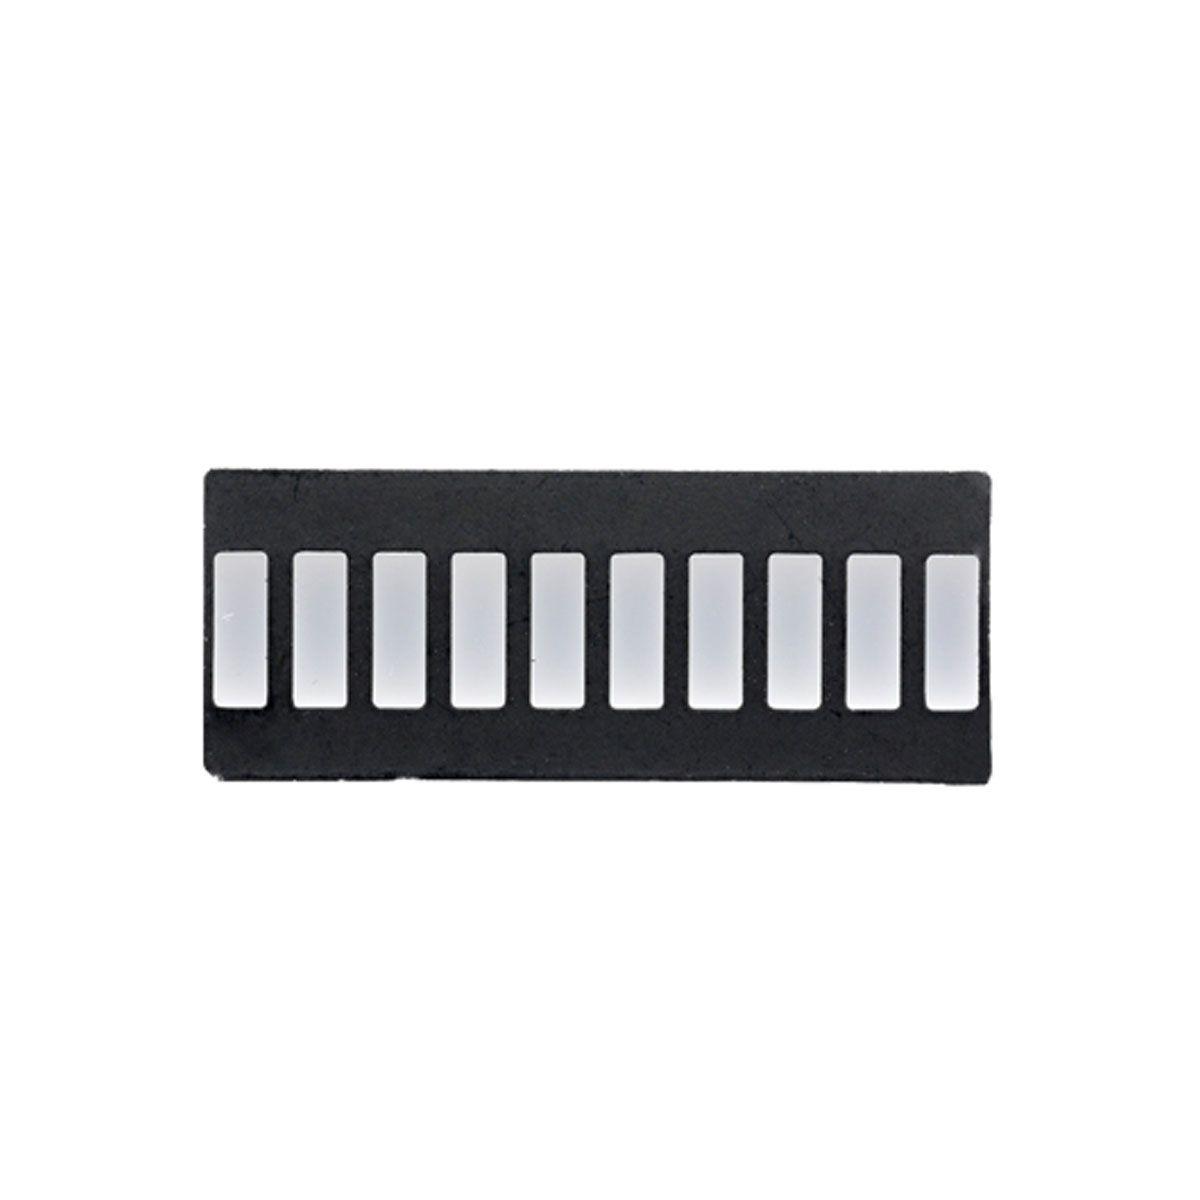 3x Display Bar Graph / Barra de Progresso com 4 cores 10 segmentos - Comum